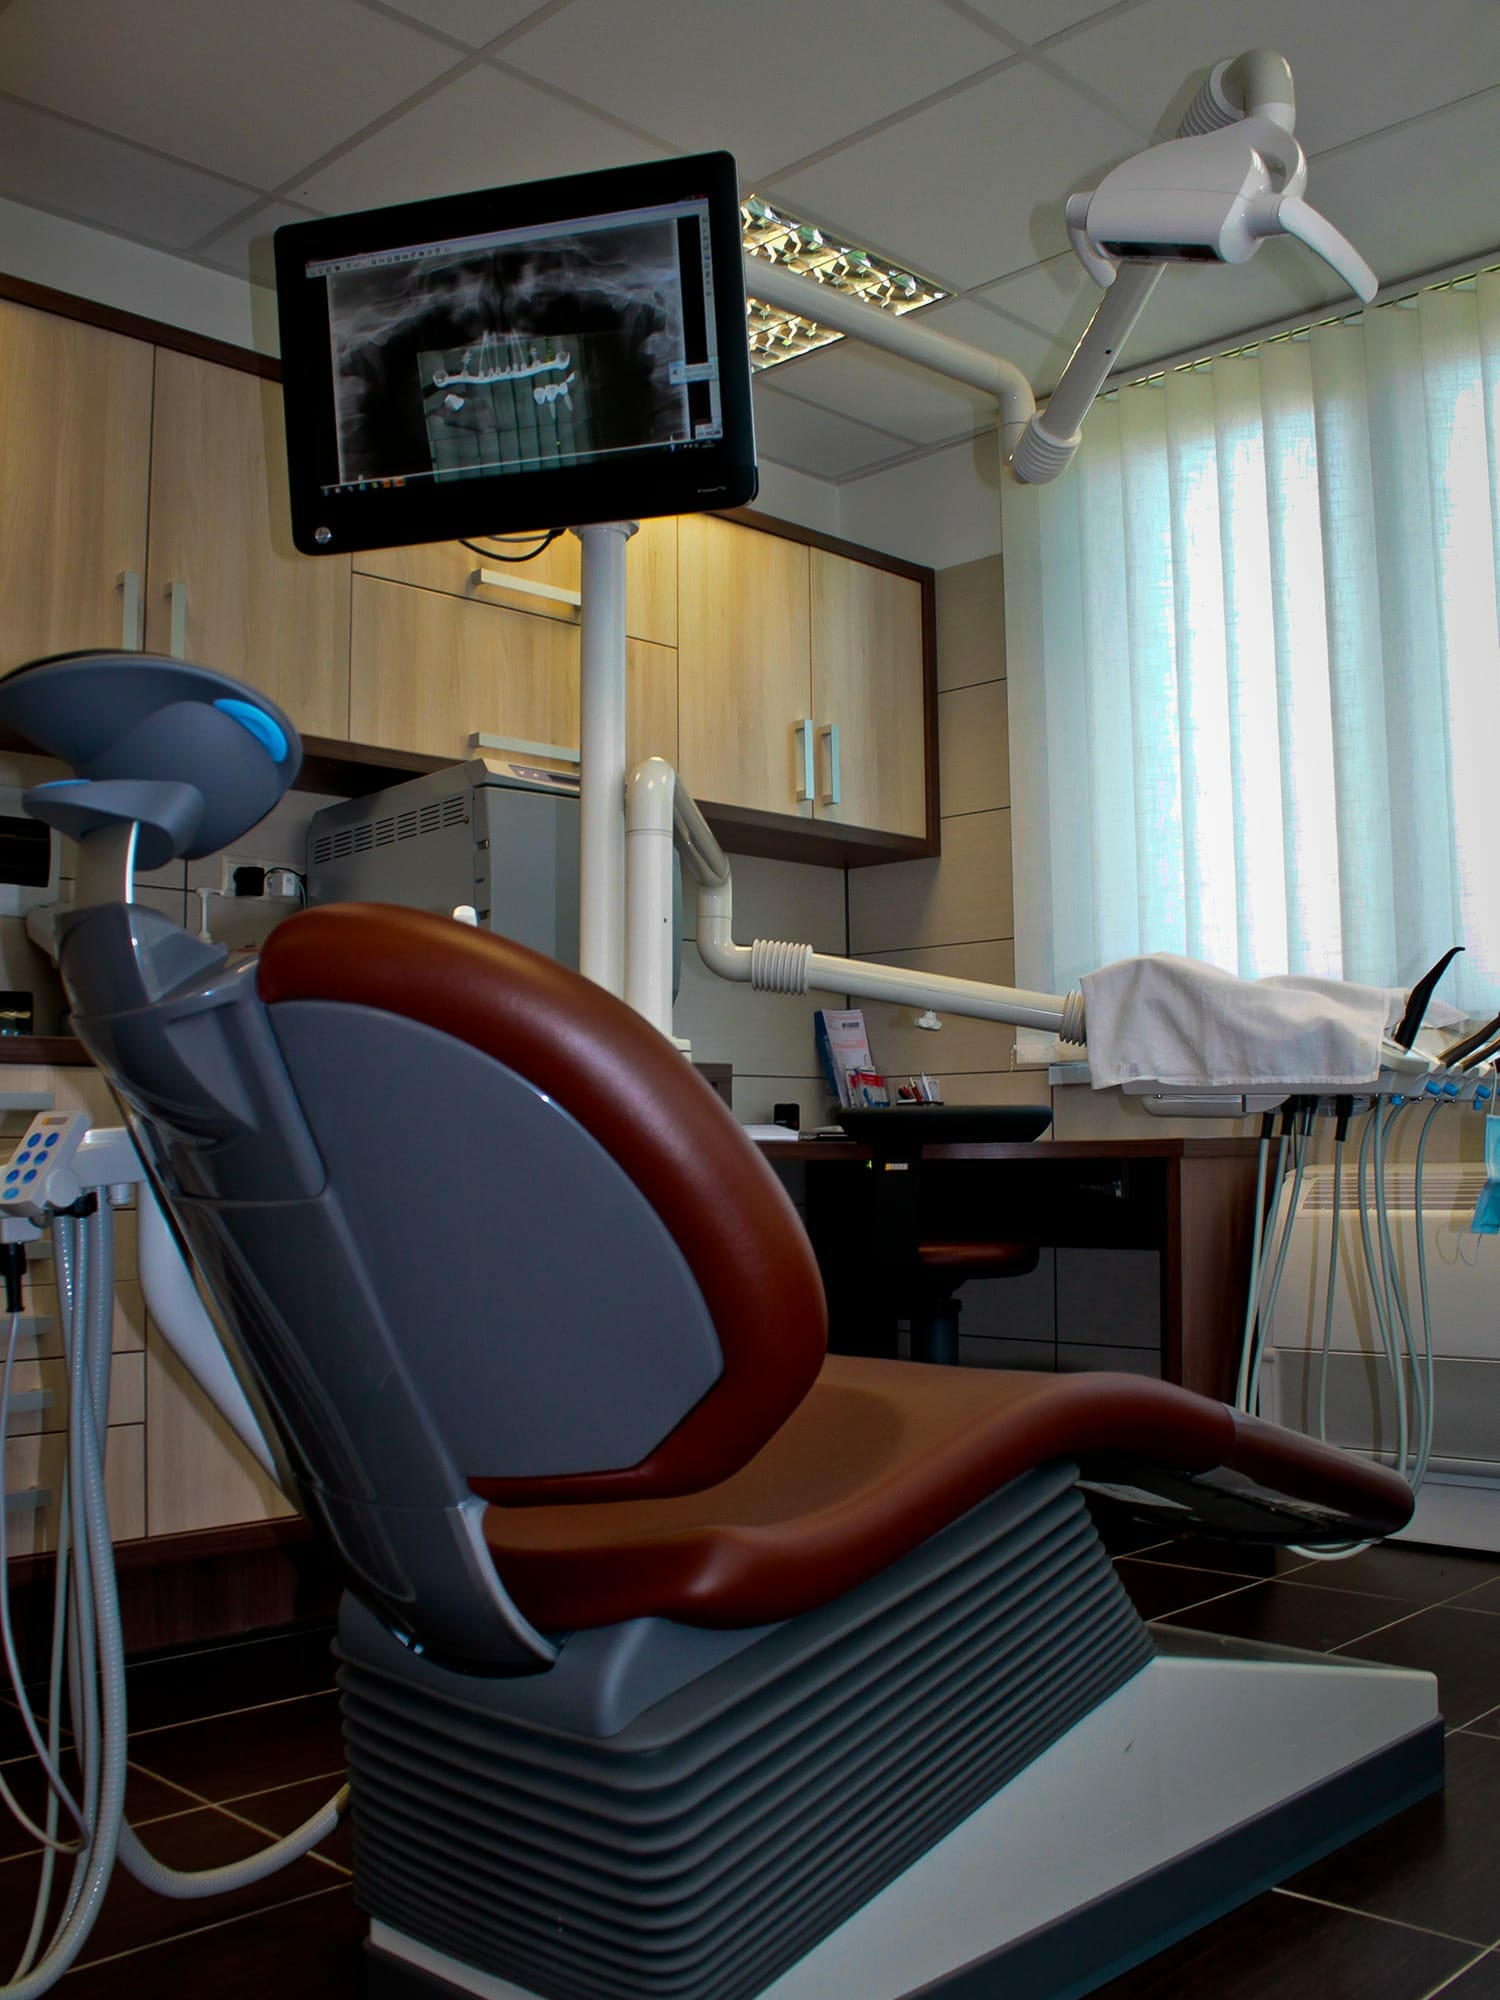 Ép-Dent Fogászati Klinika – Debrecen